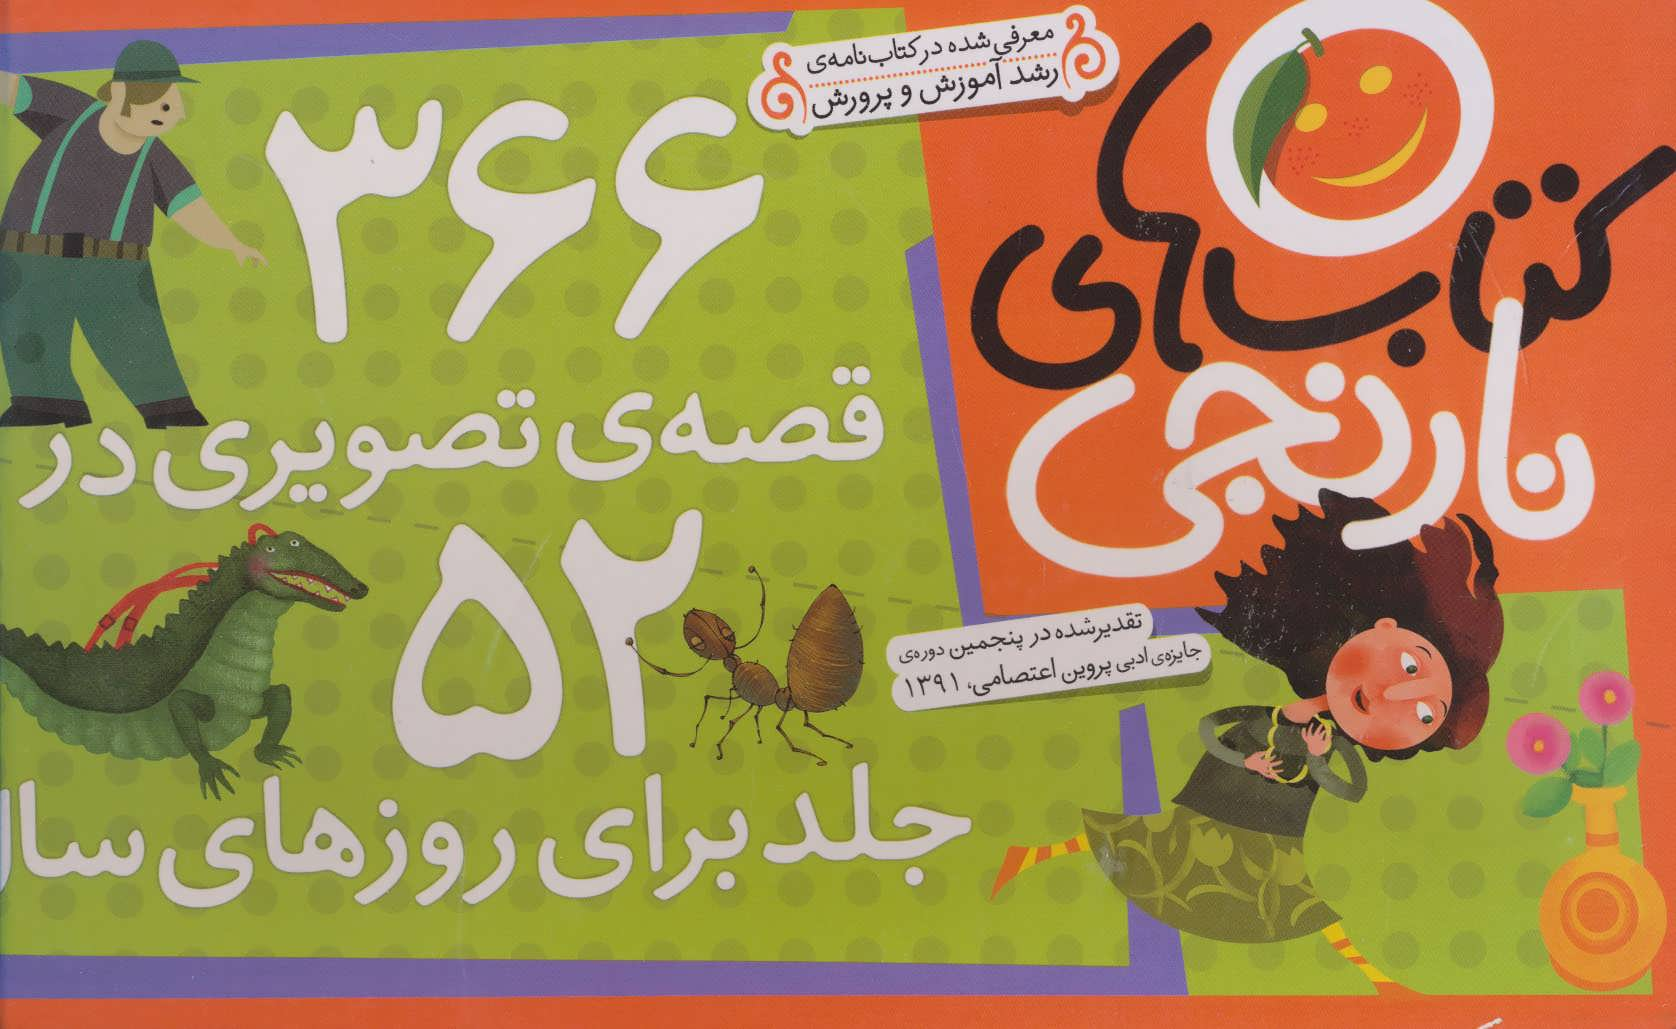 کیف کتاب نارنجی (366 قصه ی تصویری در 52 جلد برای روزهای سال)،(گلاسه)